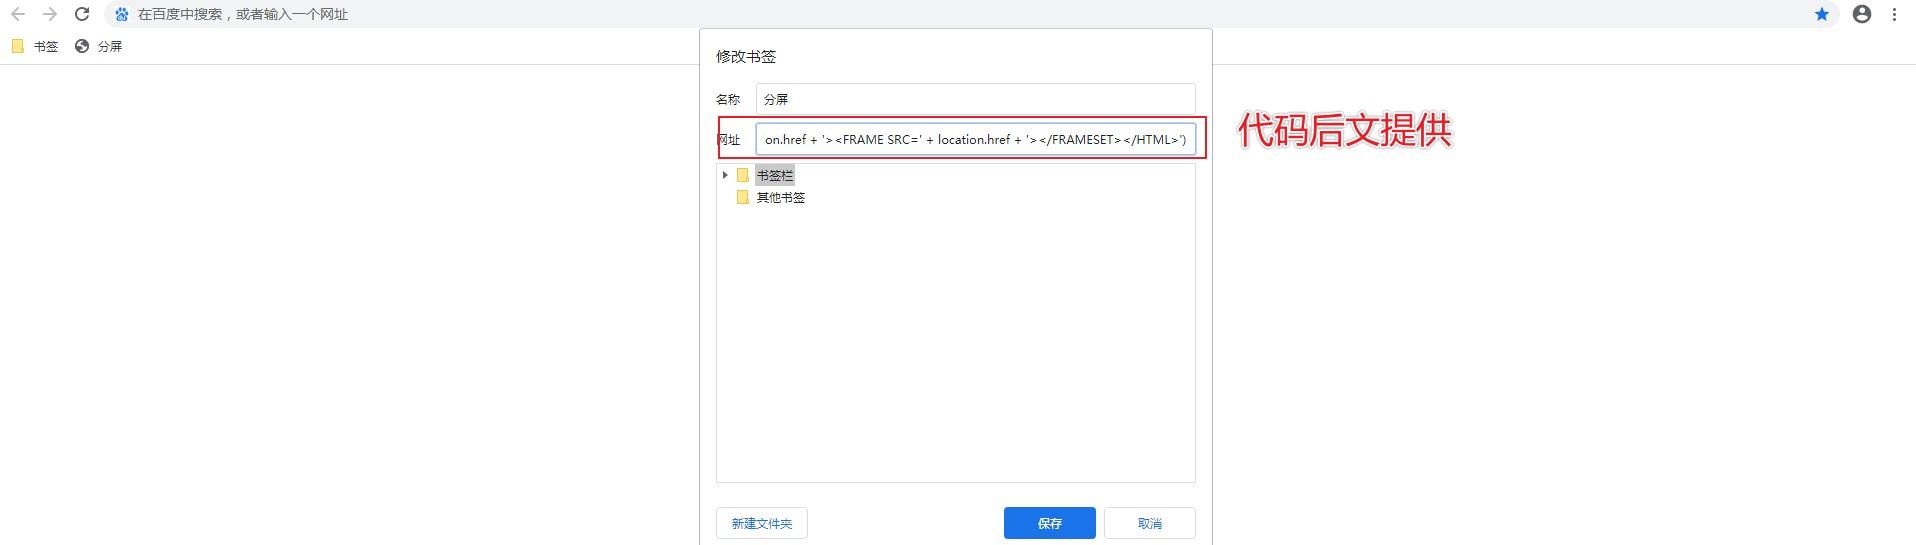 浏览器标签页分屏_标签页平铺!网页分屏显示